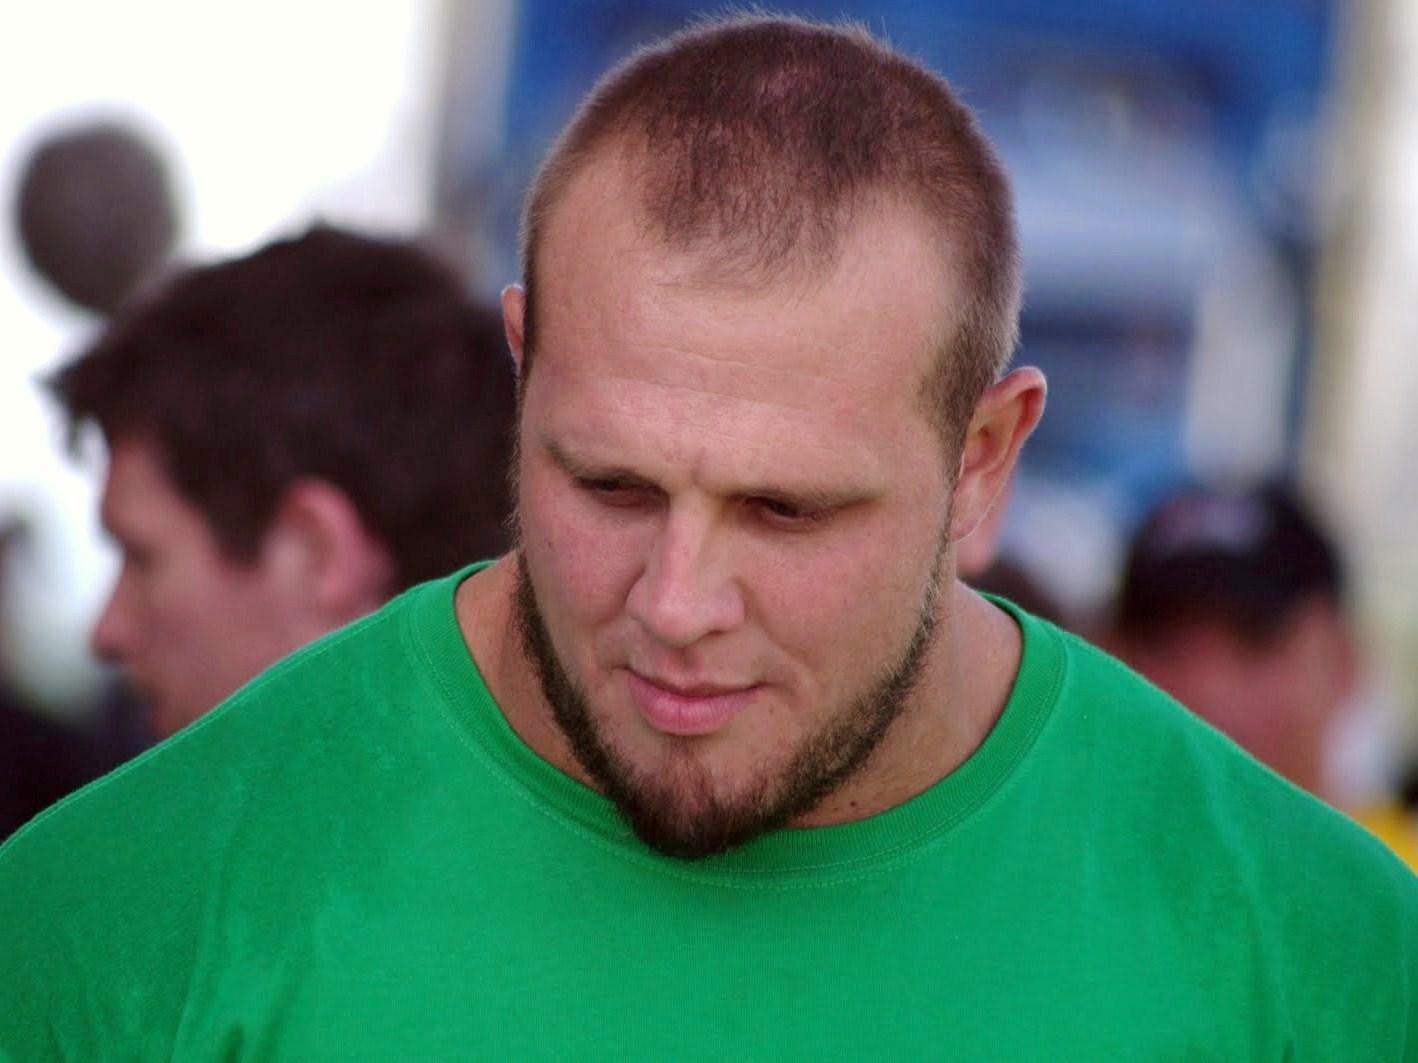 Travis Ortmayer